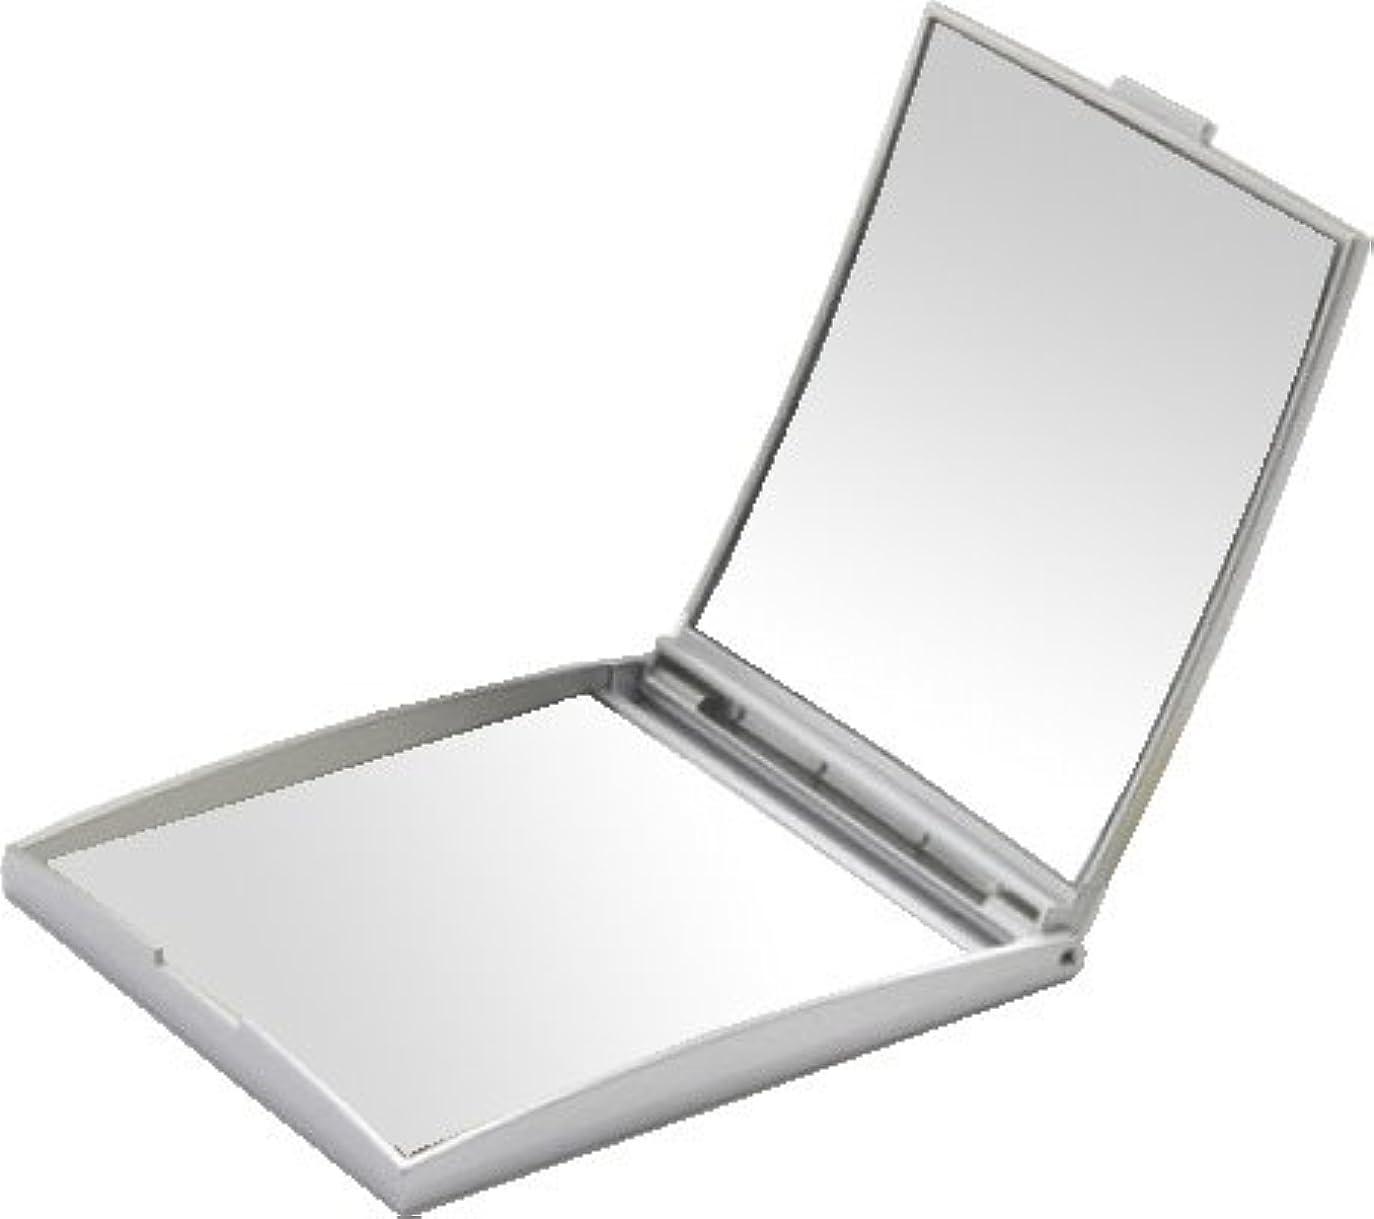 虹スイ反逆メリー 片面約5倍拡大鏡付コンパクトミラー Sサイズ シルバー AD-105